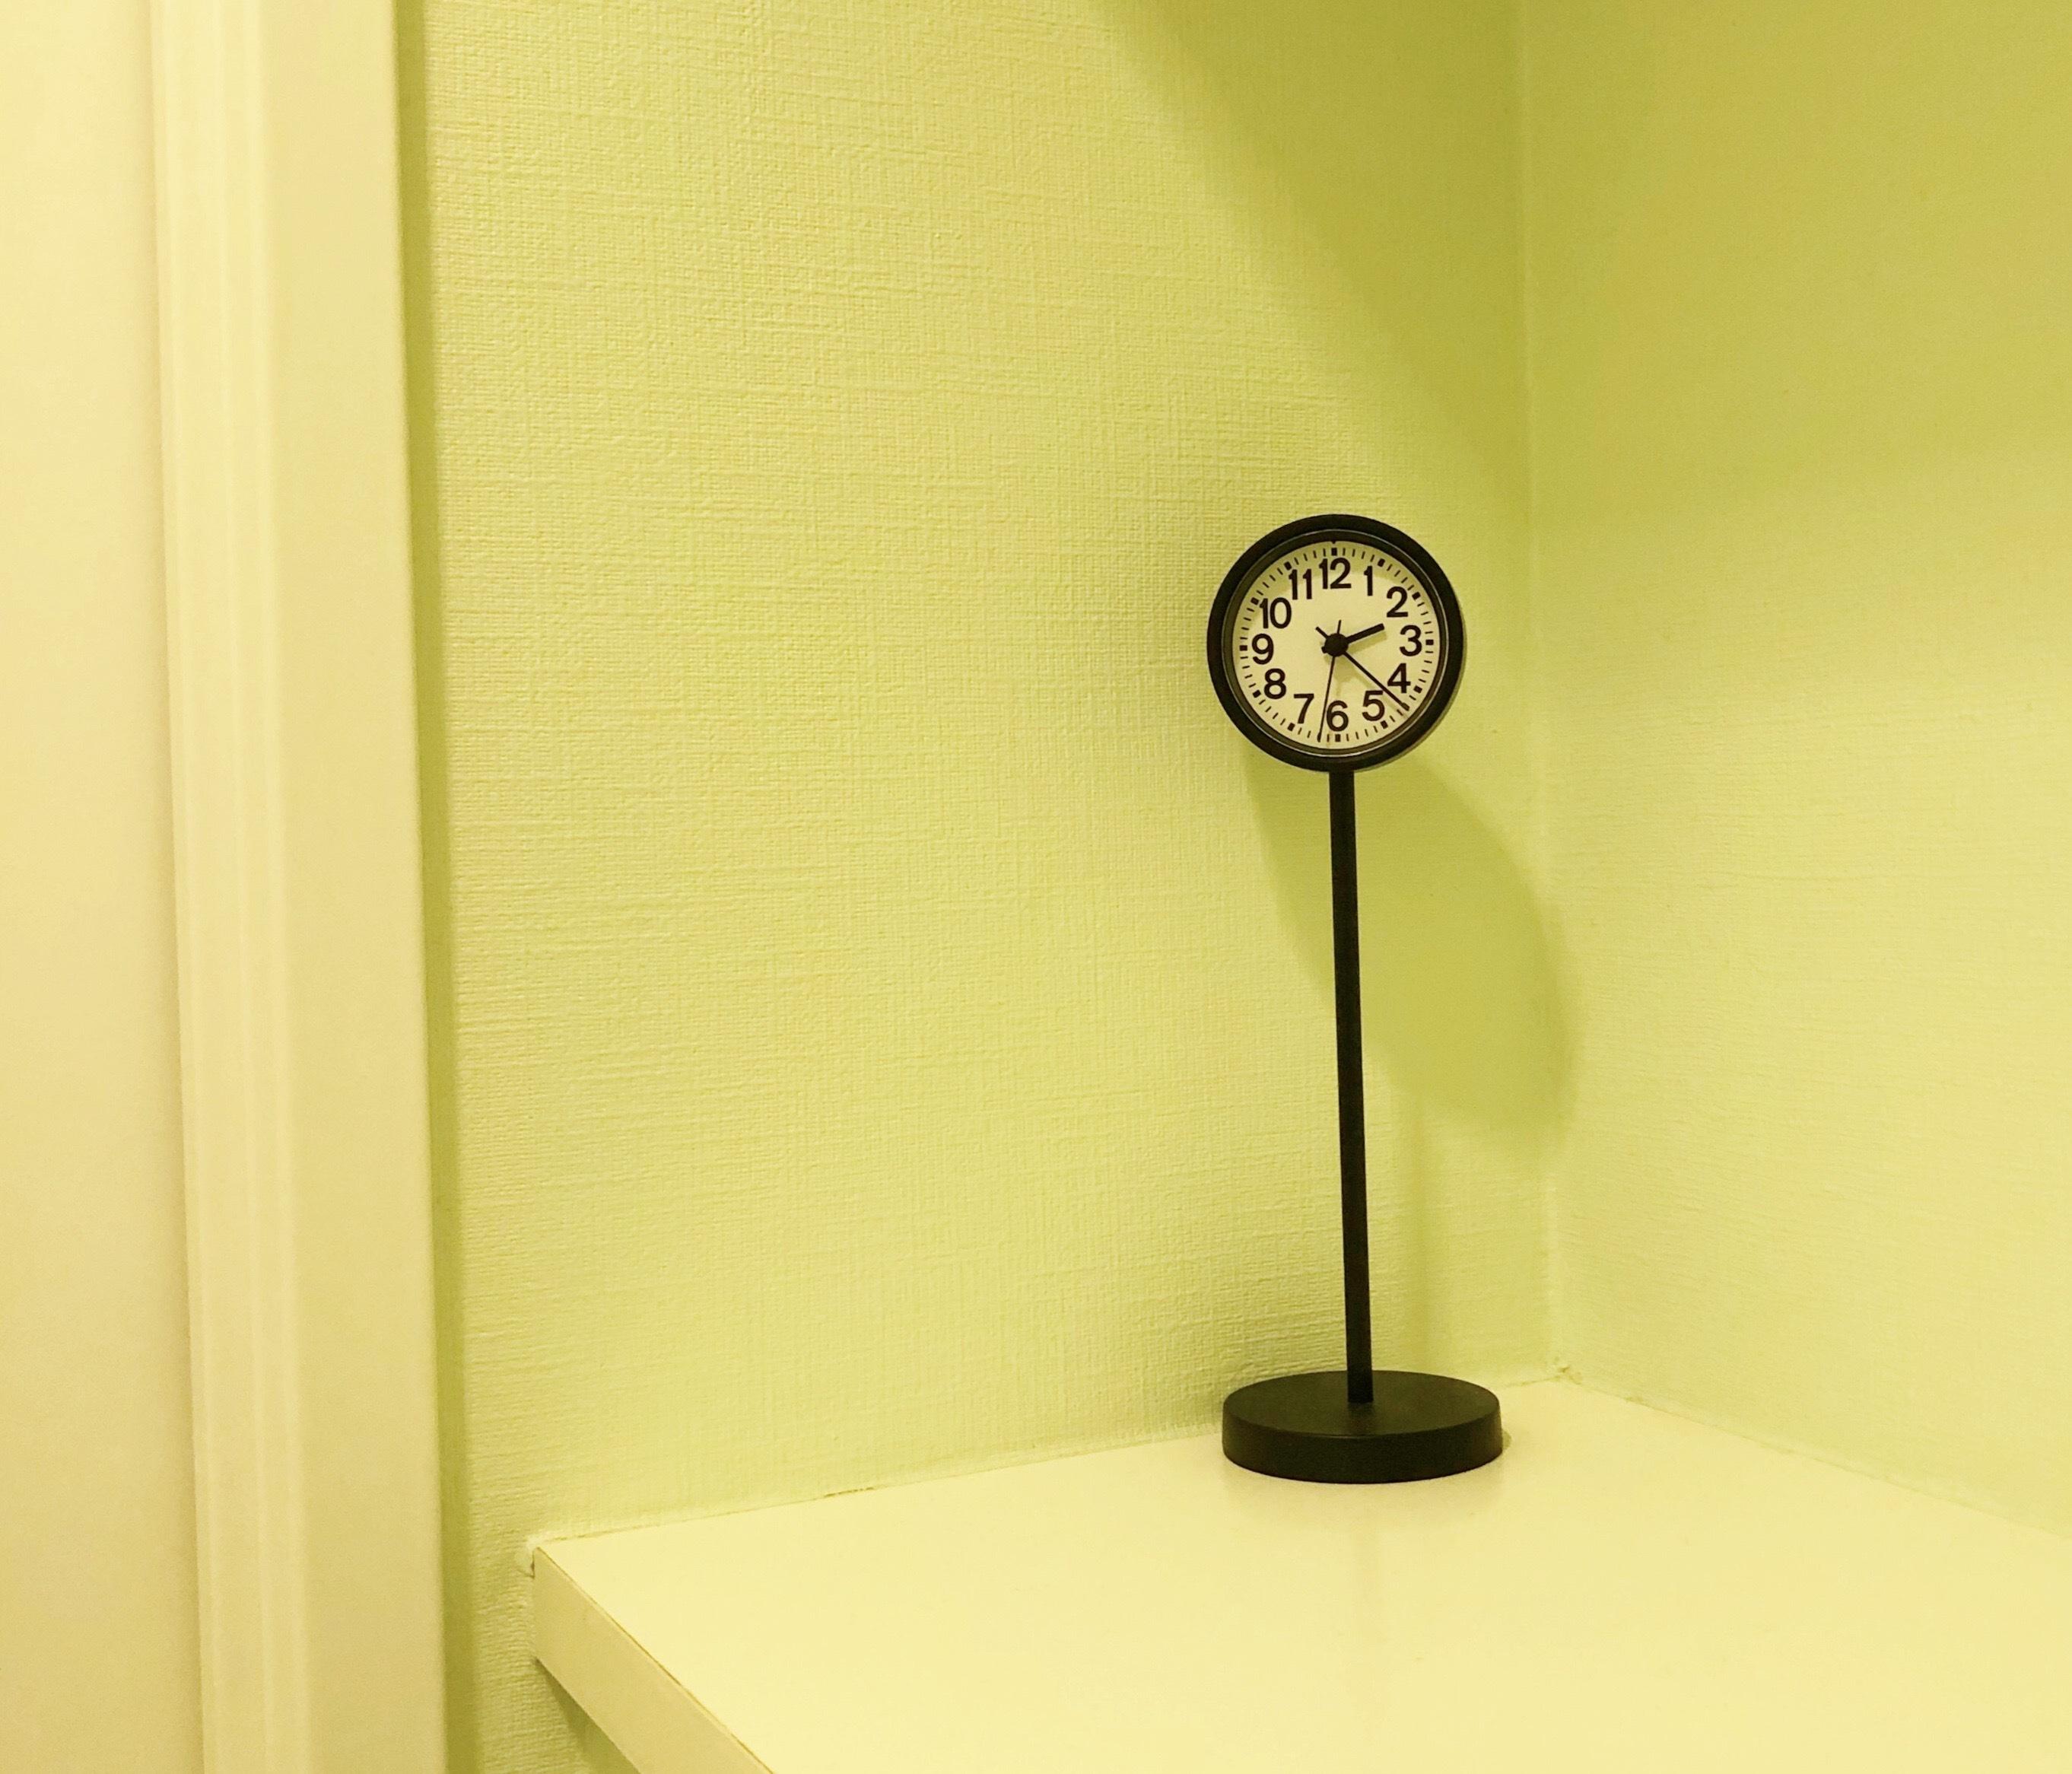 無印の人気商品「公園の時計」